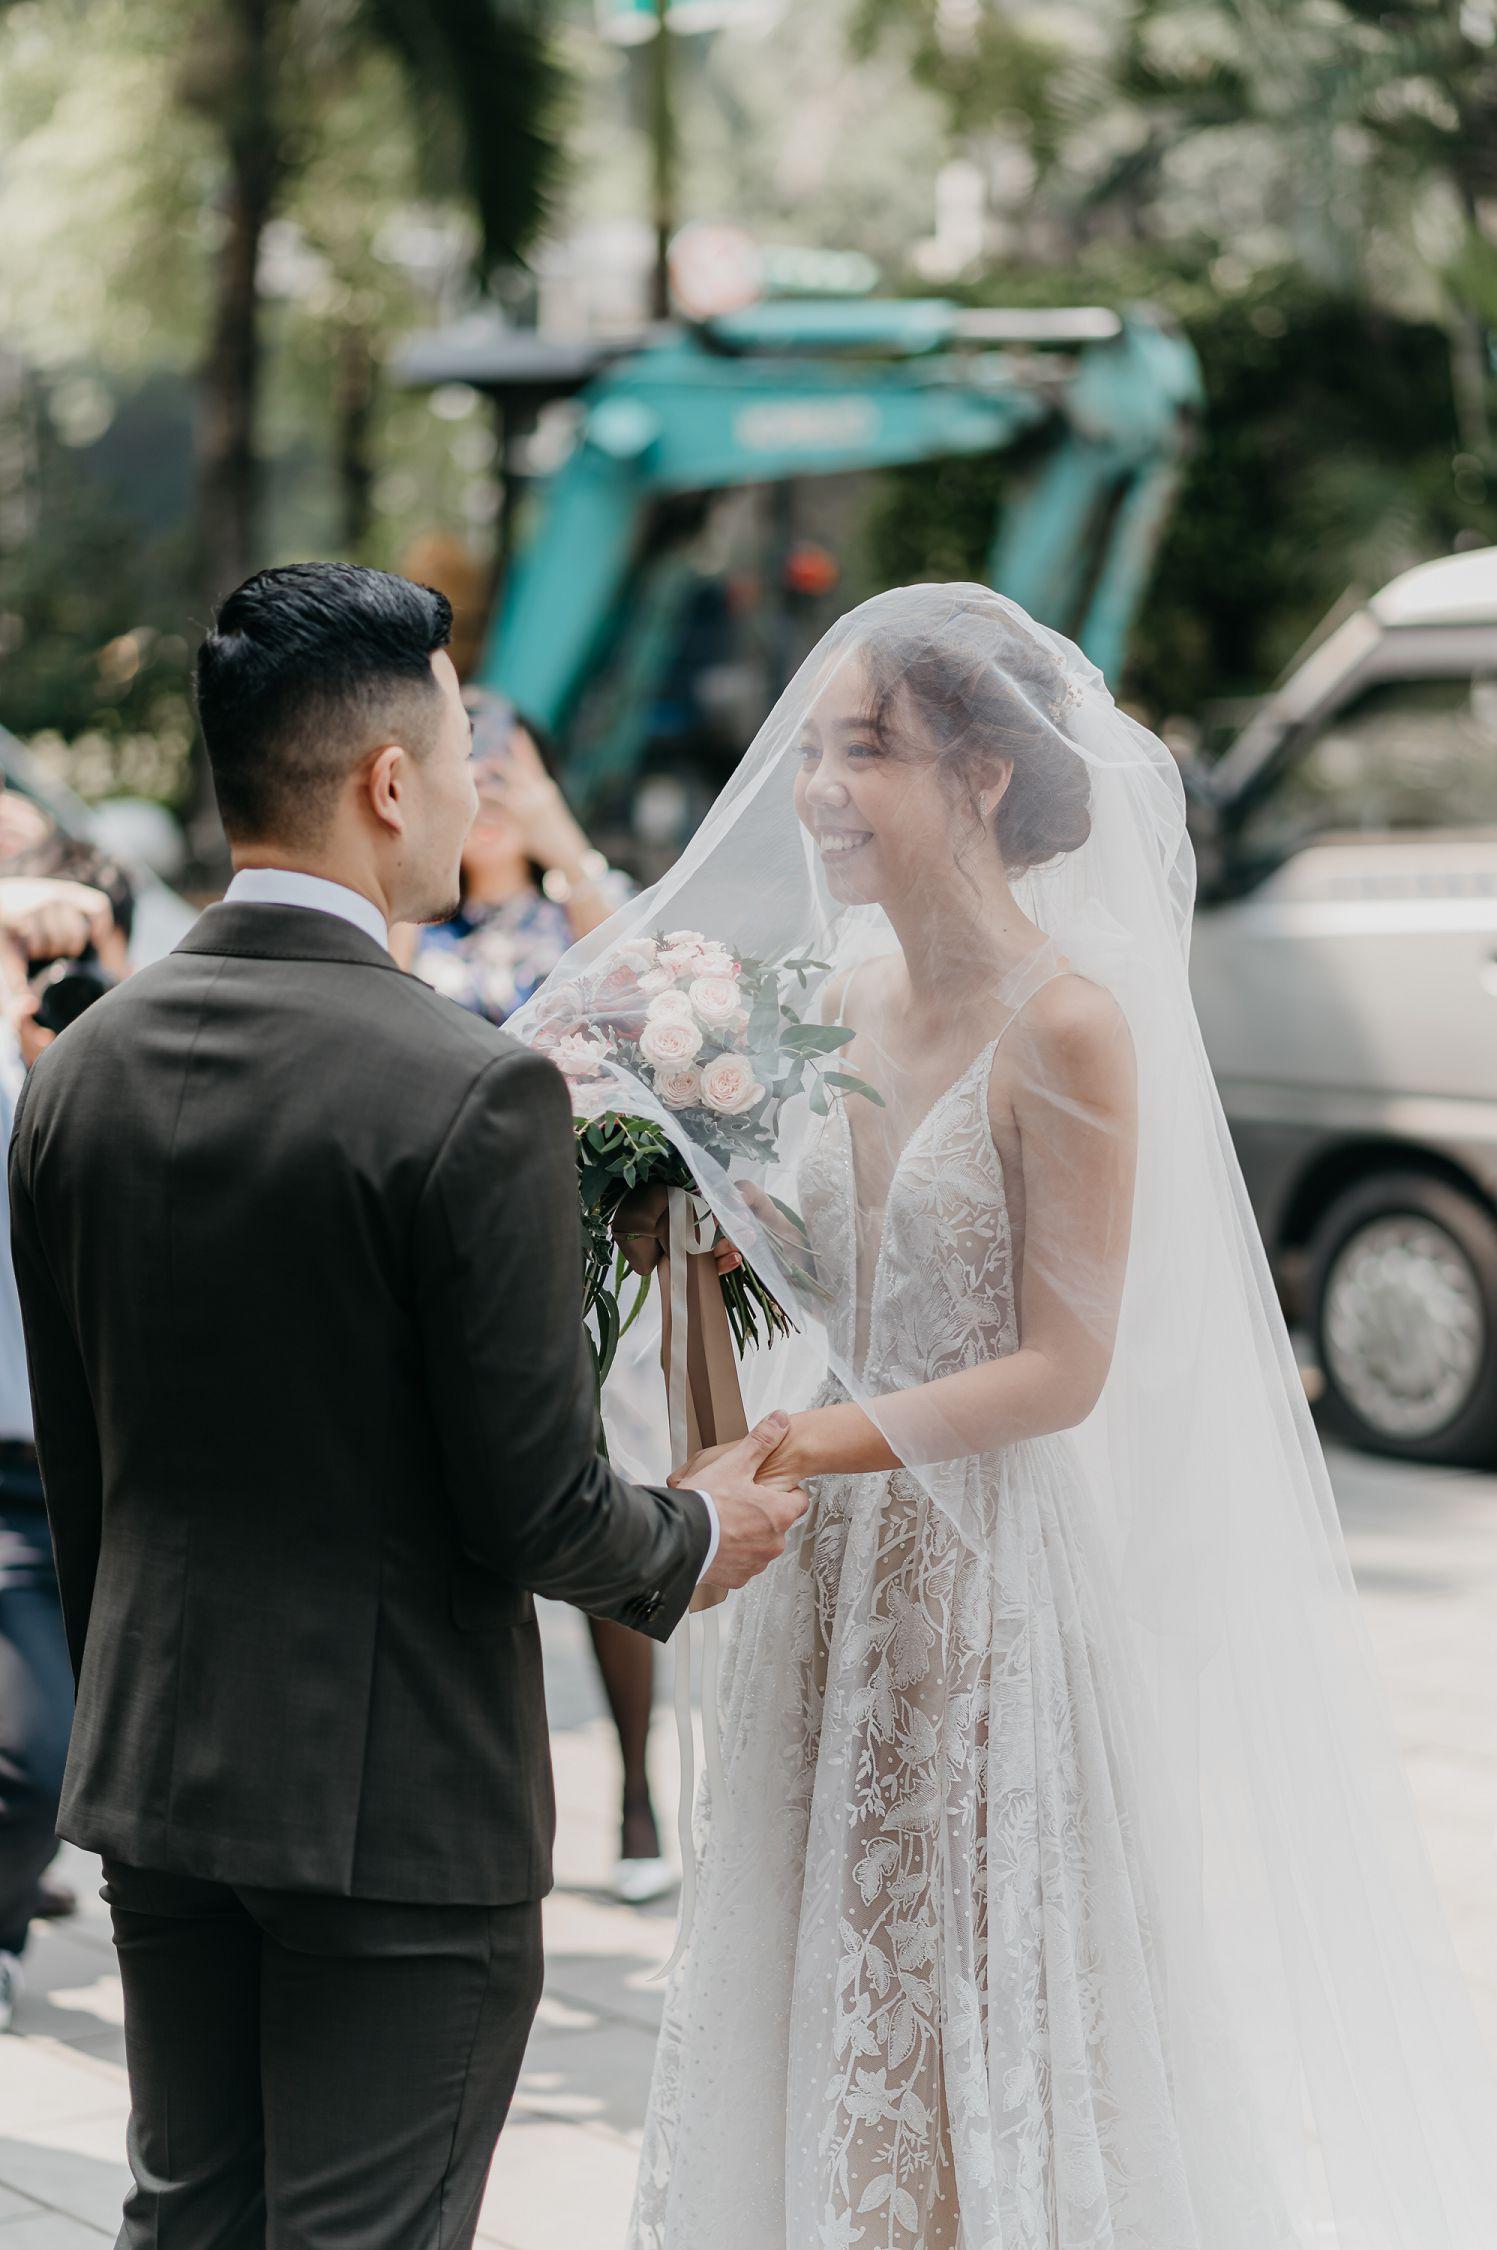 濟南教會,教會證婚,天主教,婚禮,攝影,台北婚禮,日本,婚禮紀實,松山意舍,風雲20,PTT推薦,新娘物語推薦,類婚紗,